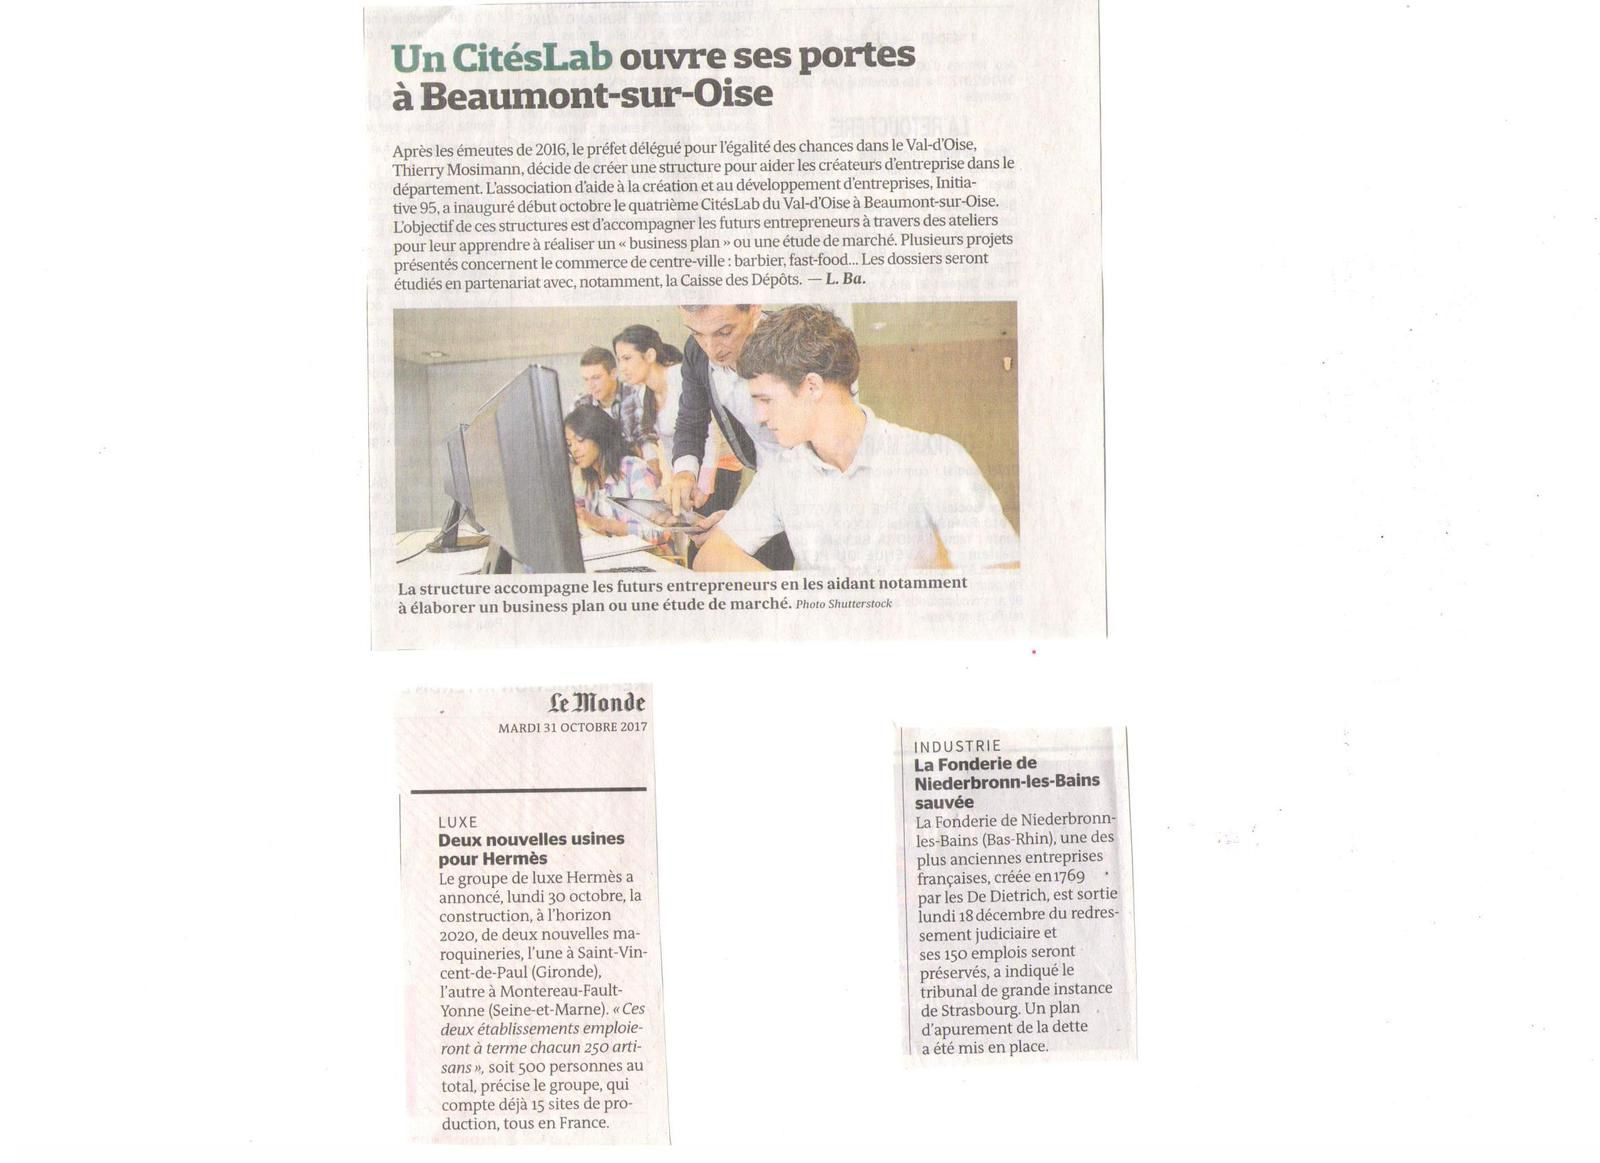 Vus et lus dans Le Parisien Eco du 03 novemvre 2017, Les Echos du 11 octobre et du 23 novembre 2017, et Le Monde du 31 octobre et du 20 novembre 2017